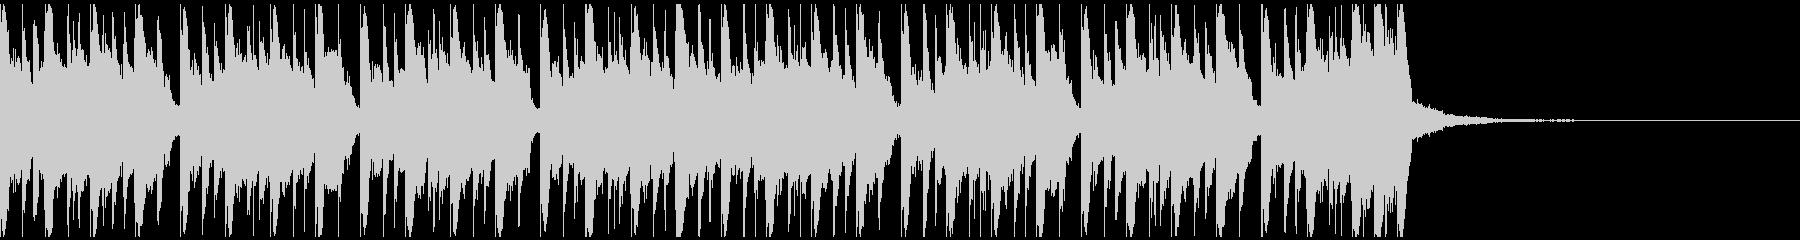 エレクトロスポーツ(23秒)の未再生の波形